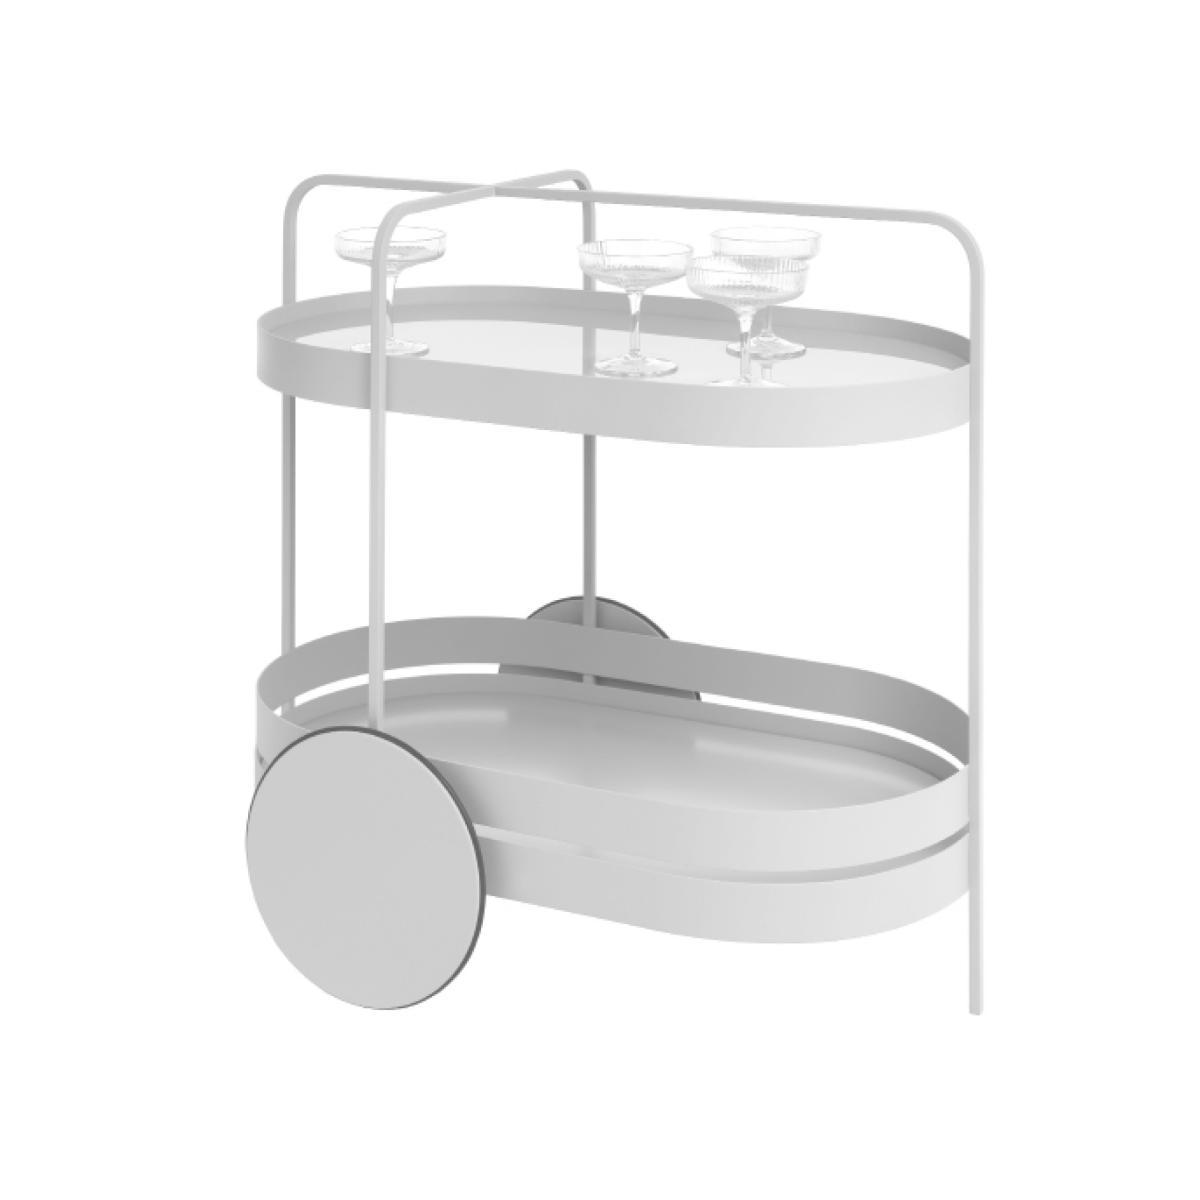 GRACE Servierwagen grau-weiß